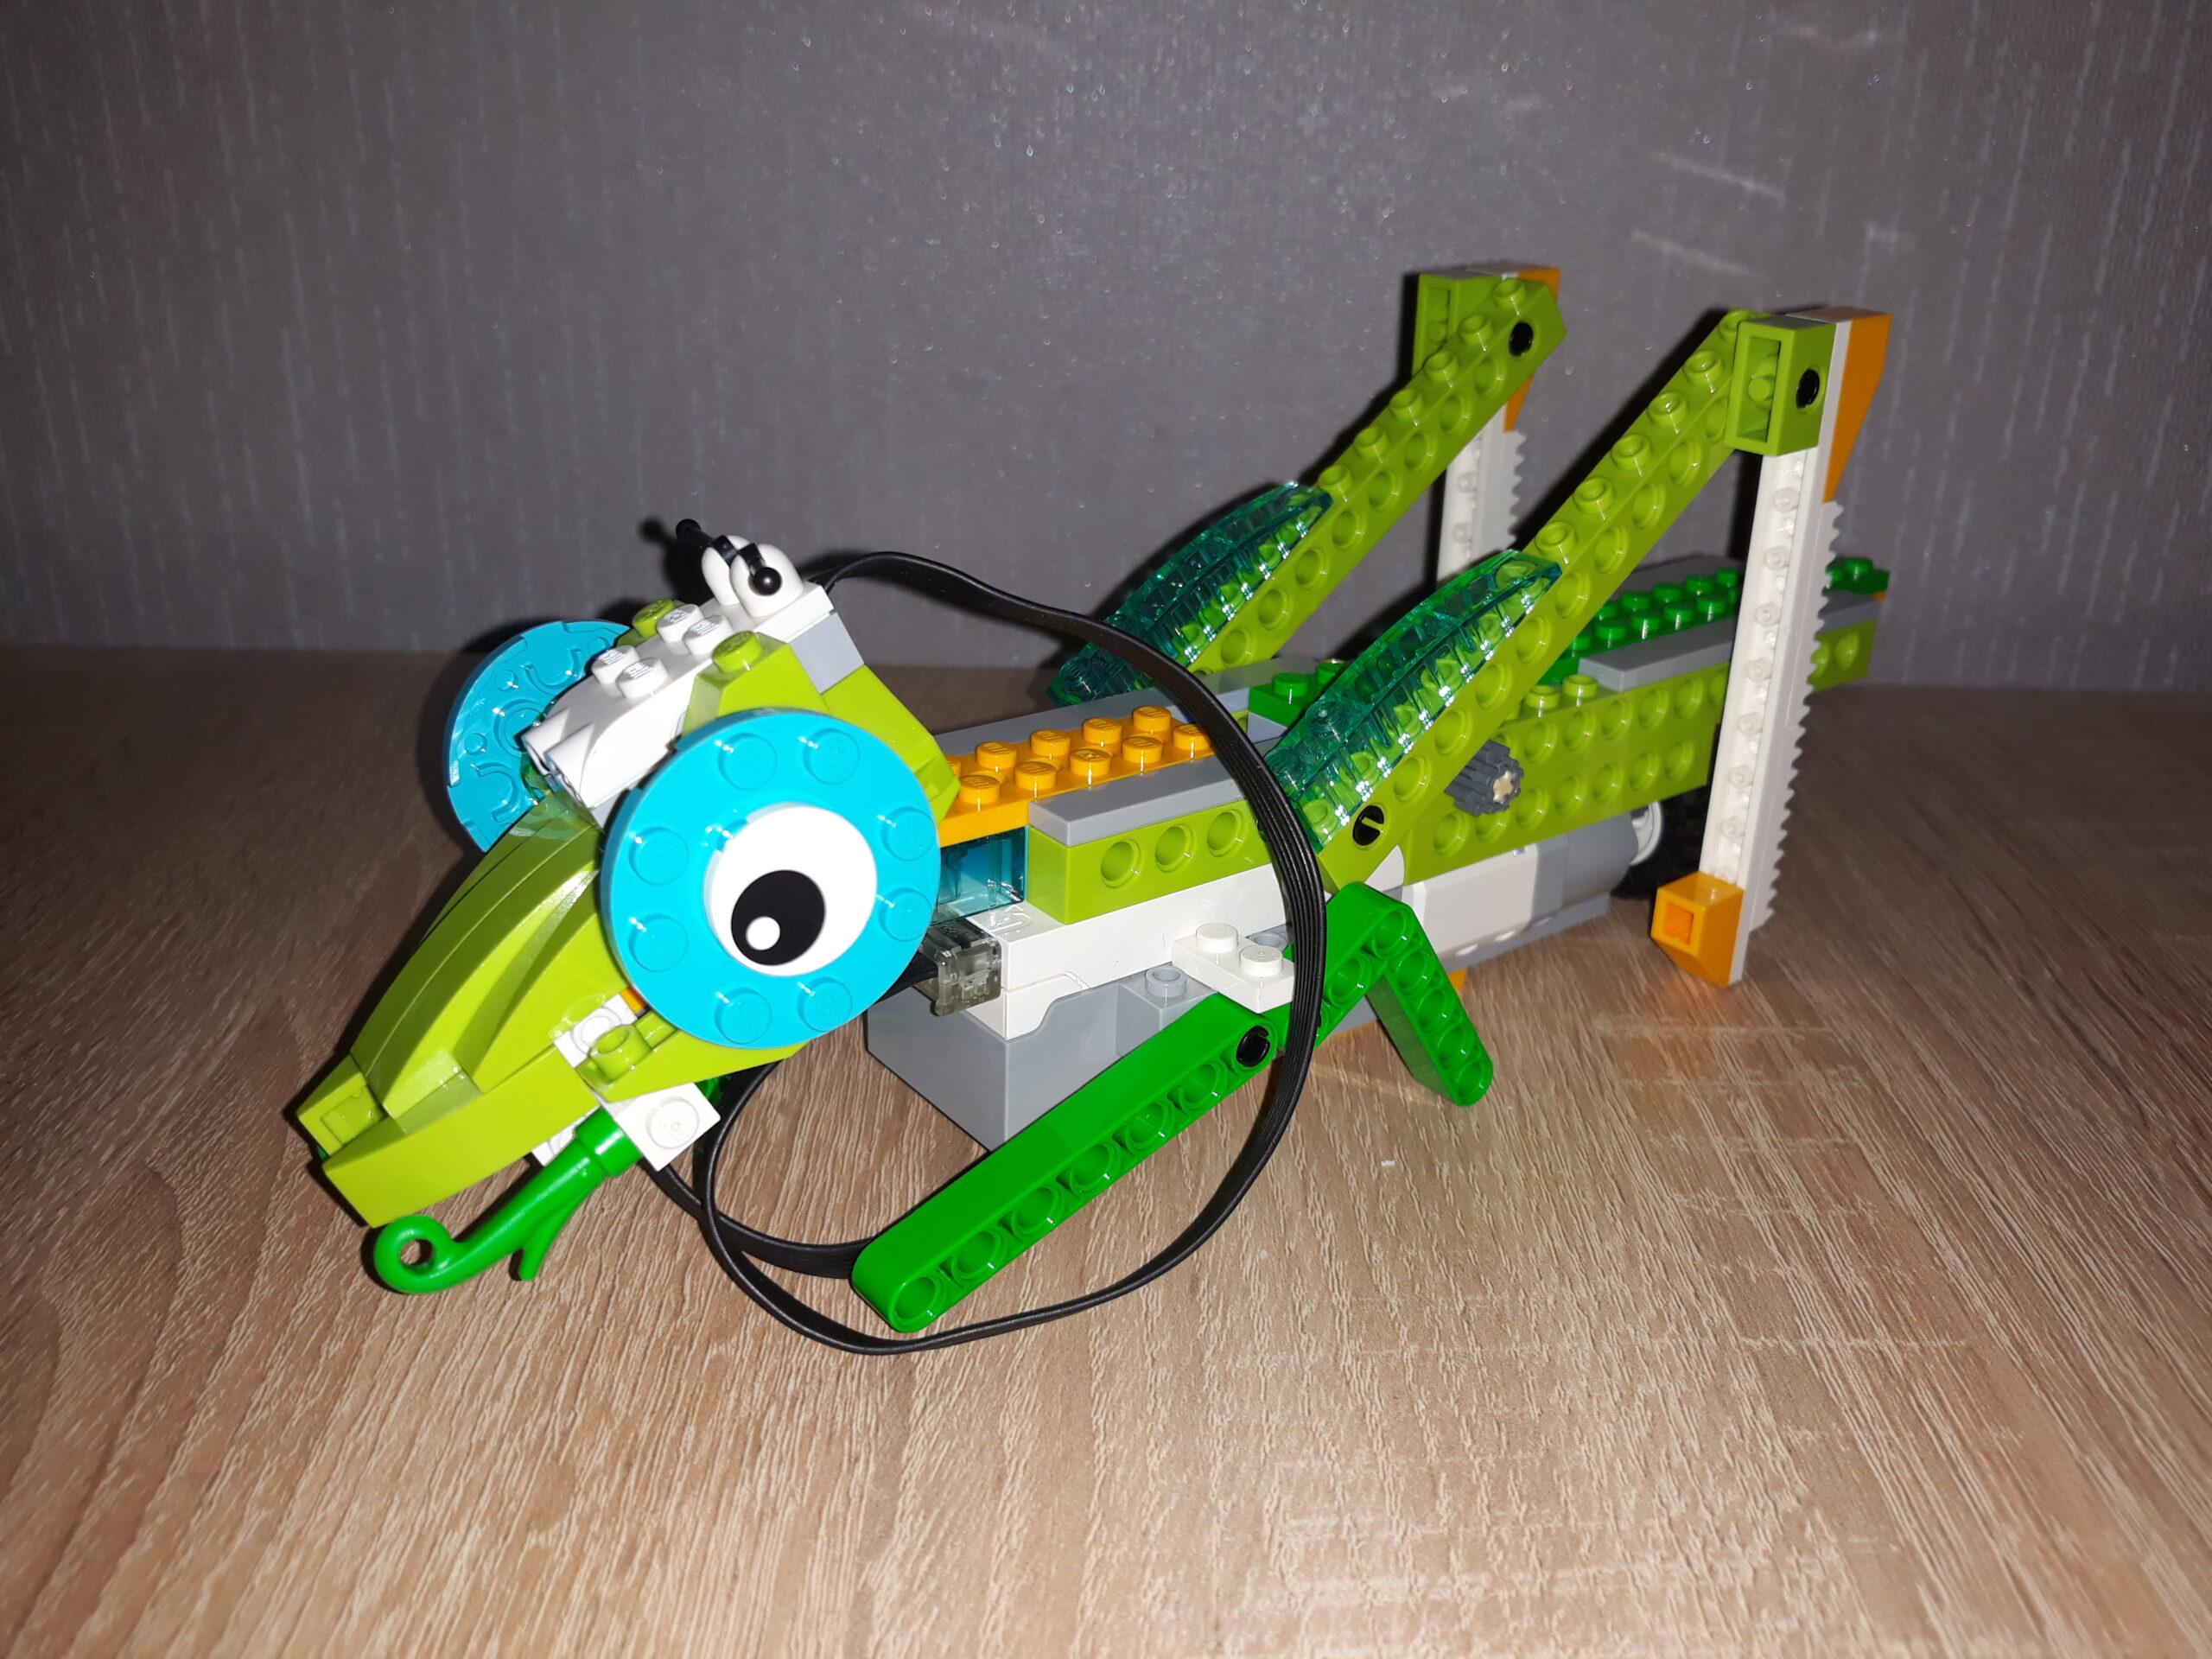 Инструкция по сборке из набора LEGO Education WeDo 2.0 Кузнечик